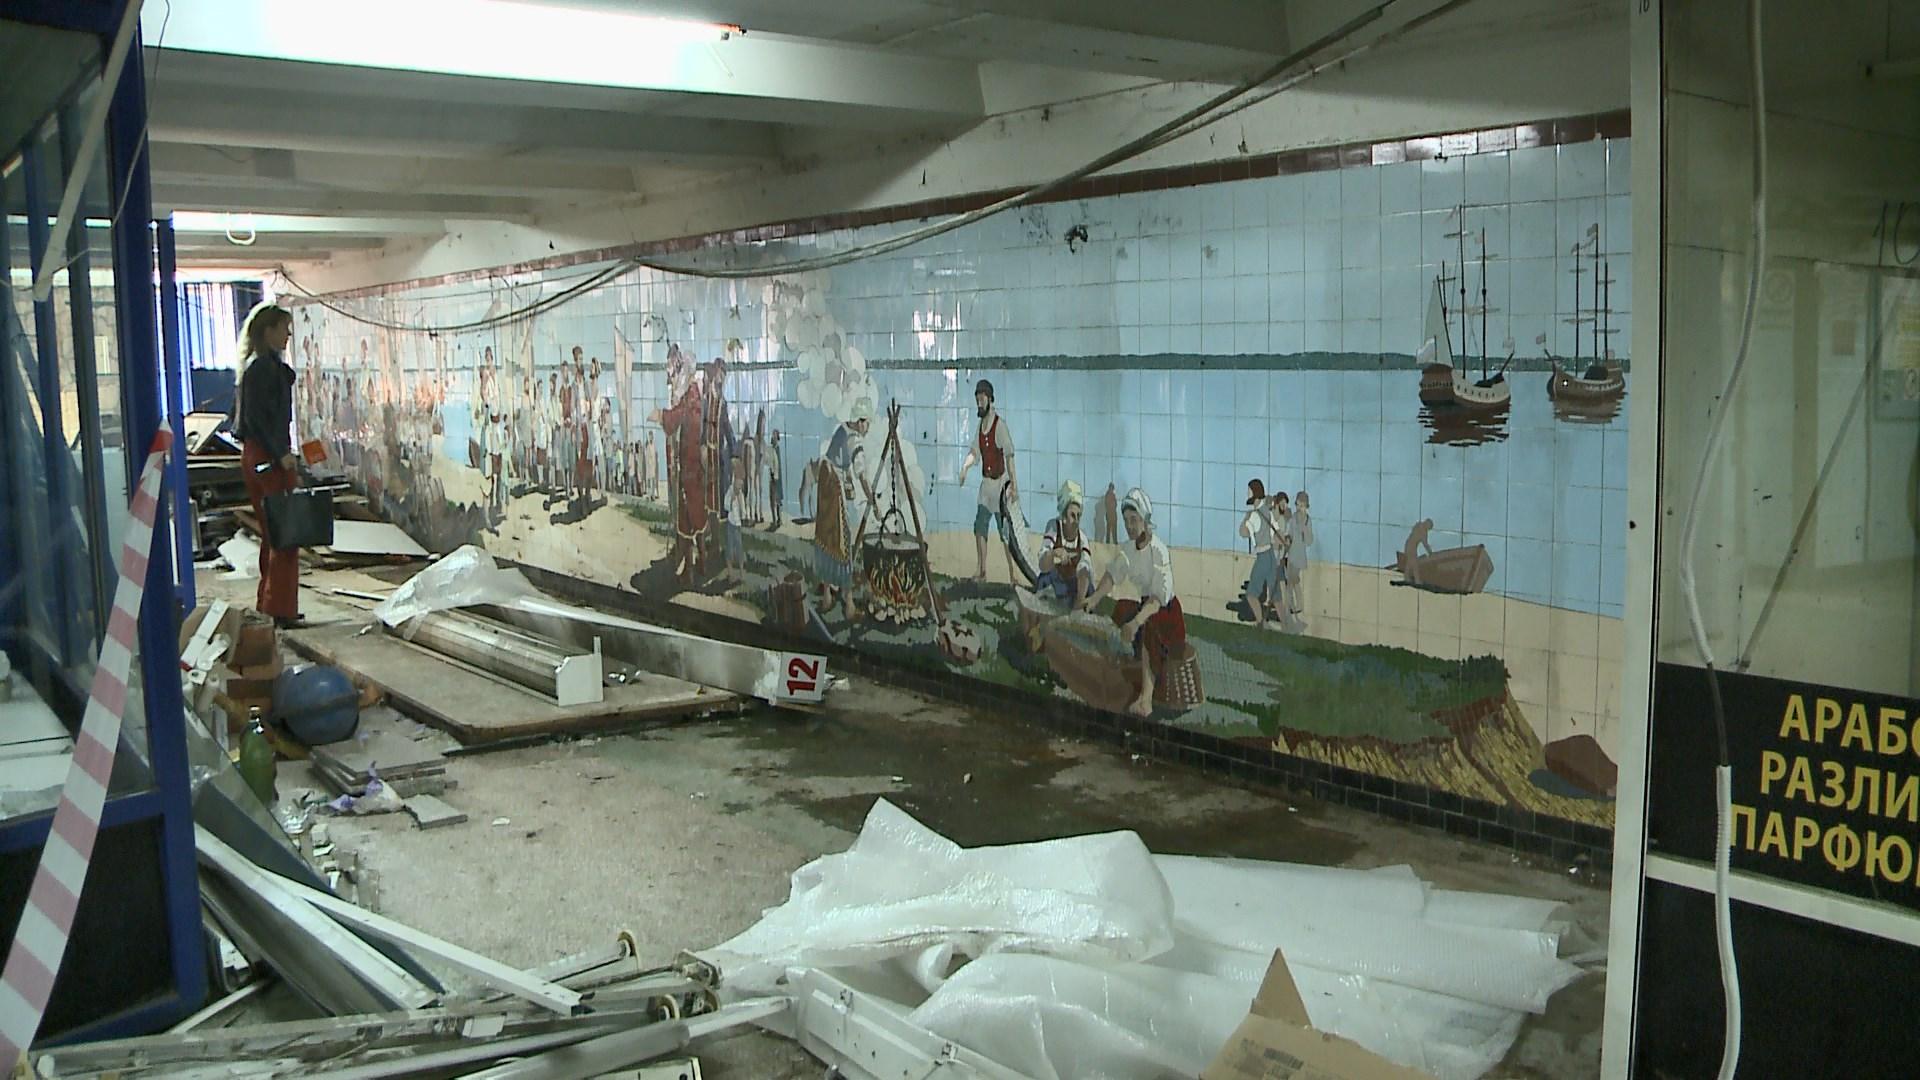 Арт-площадки не появятся в подземных переходах Ростова